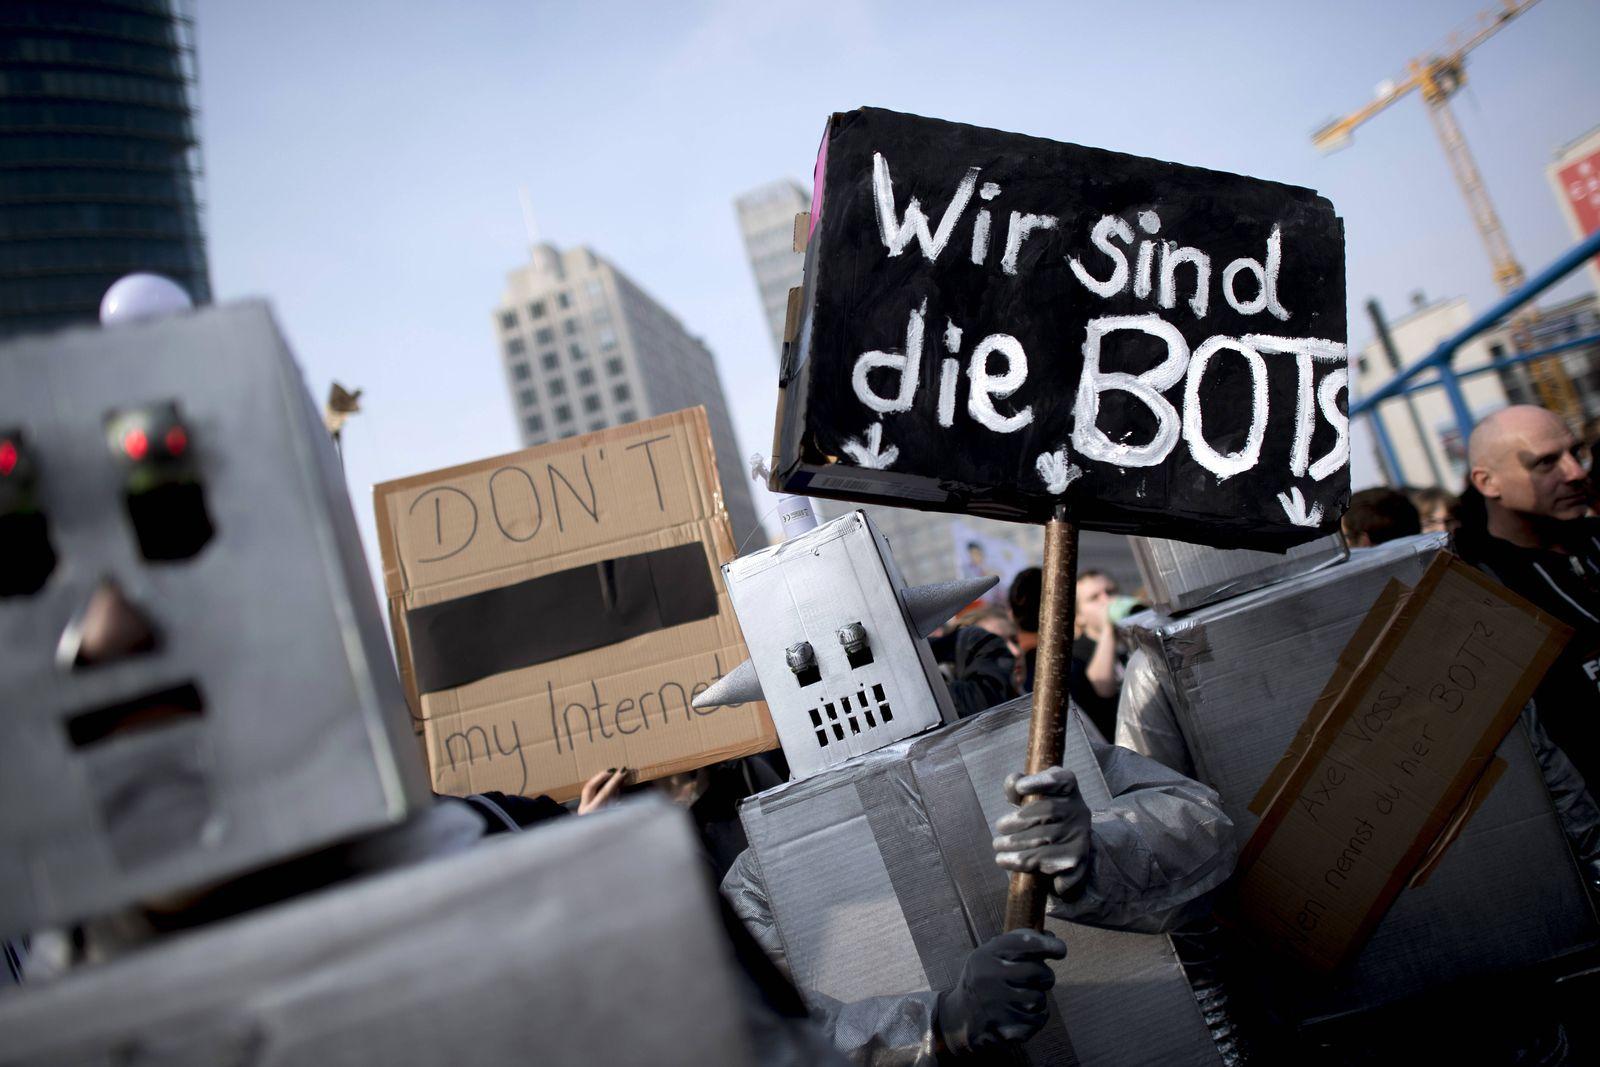 EINMALIGE VERWENDUNG Artikel 13/ Demonstration/ Protest/ Bots/ Berlin